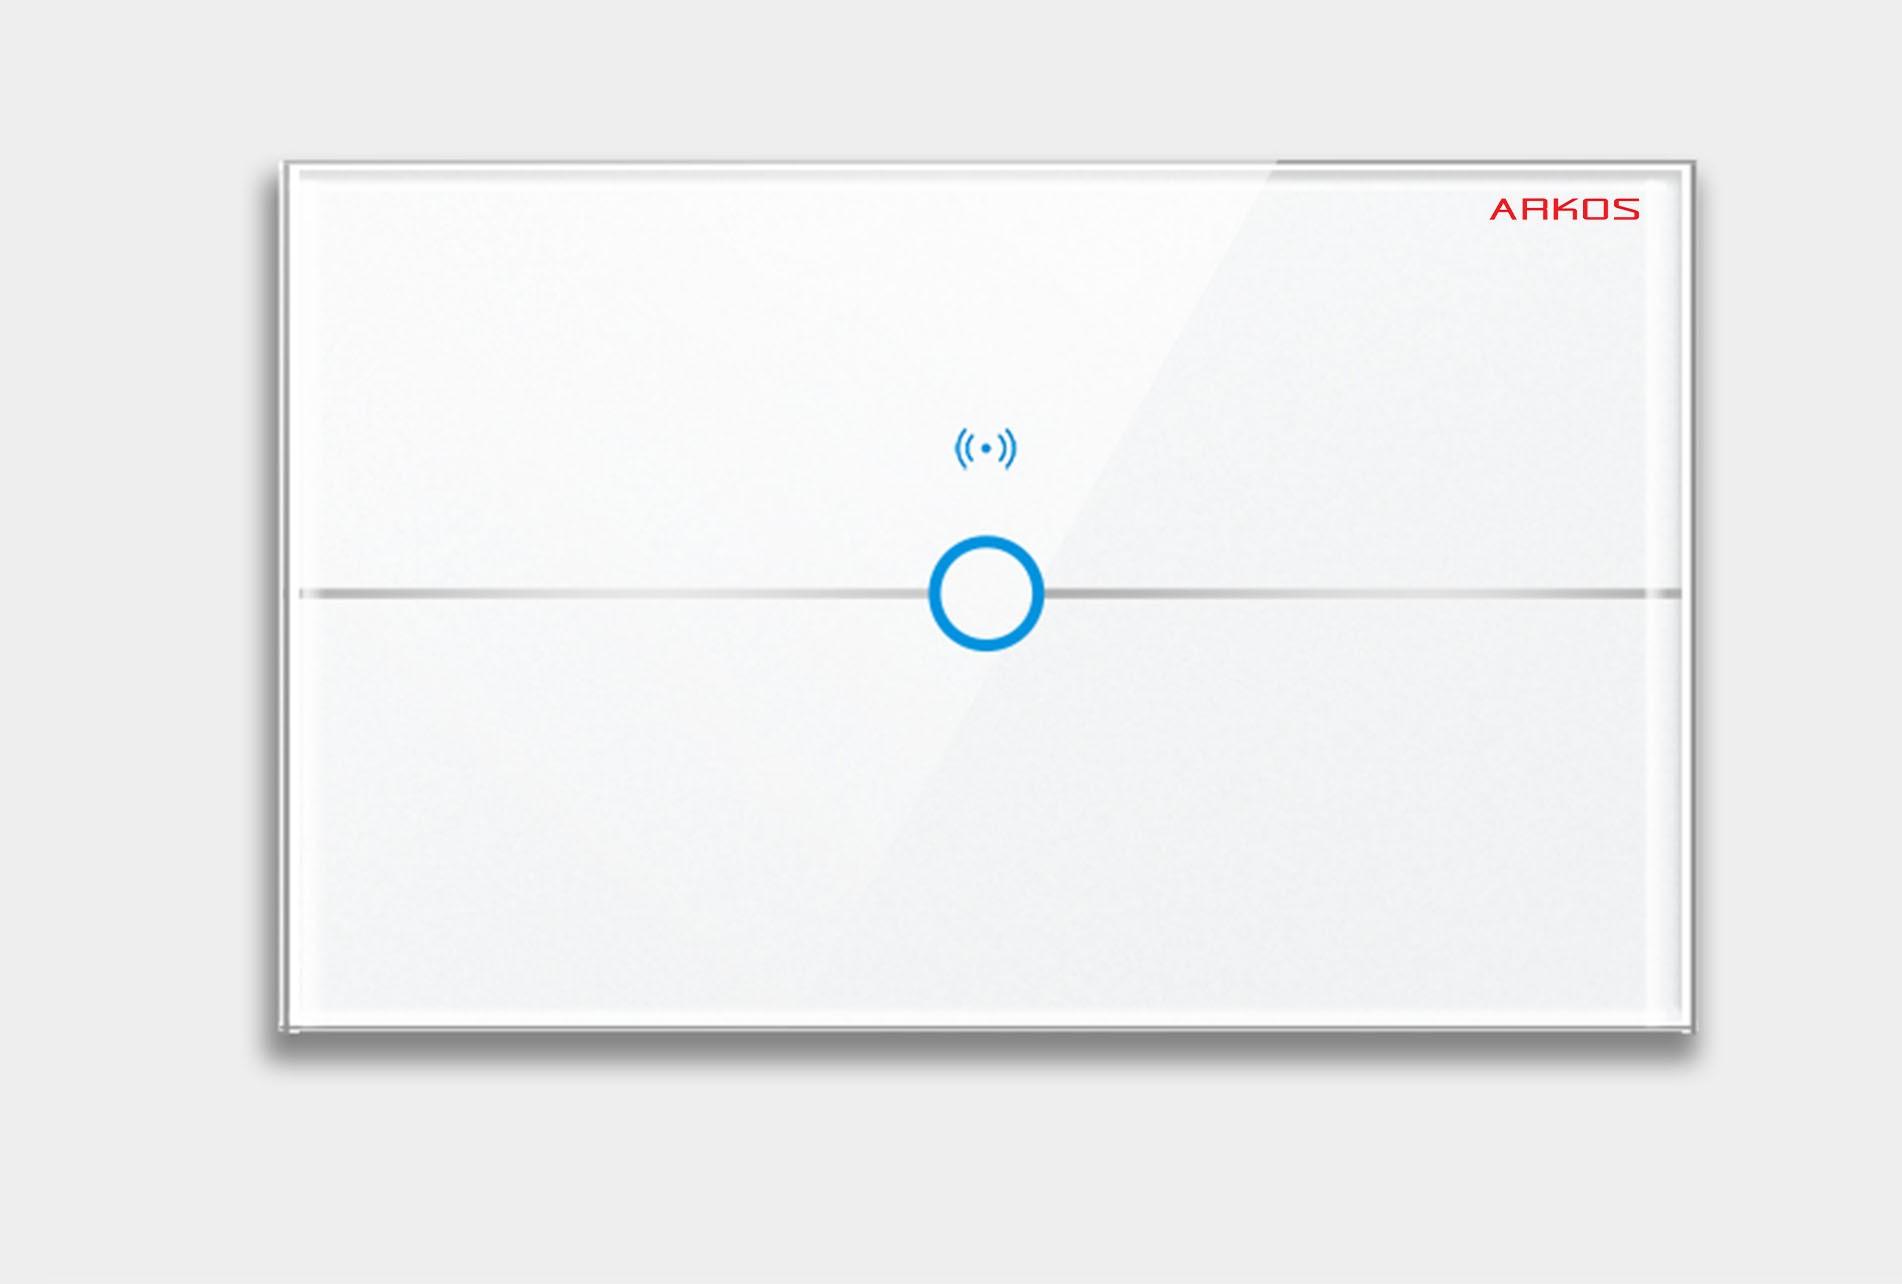 Địa chỉ bán CÔNG TẮC 1 NÚT ARKOS  HCN AR-SWC1-GOT1 giá rẻ